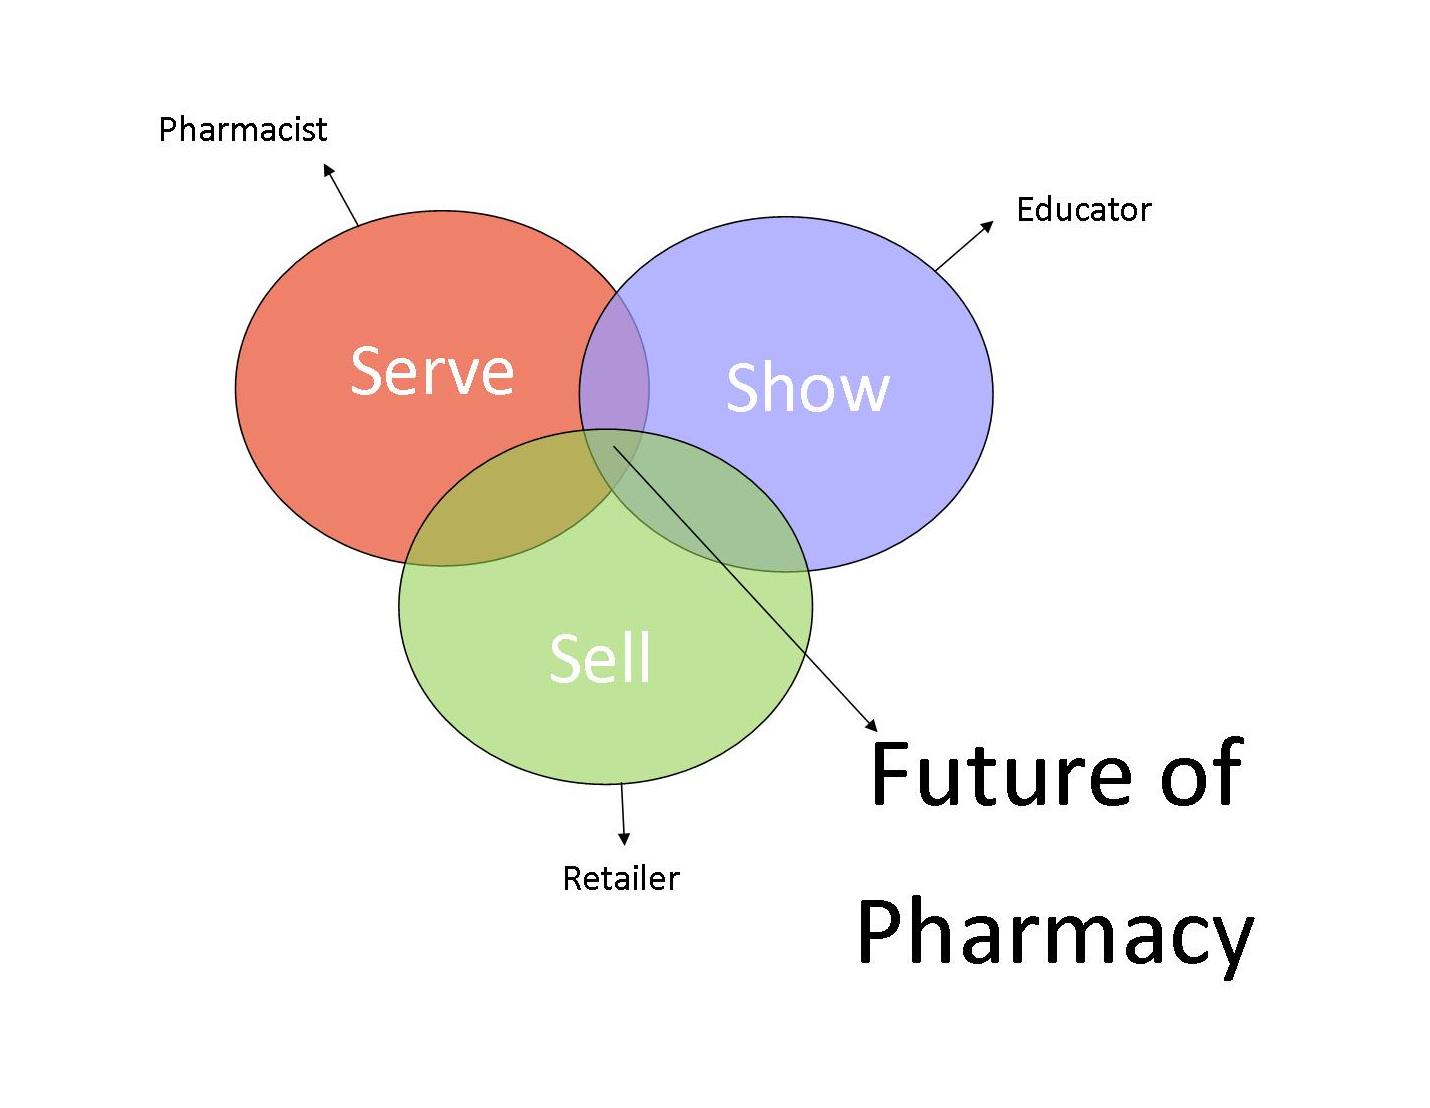 Phase of Pharmacy